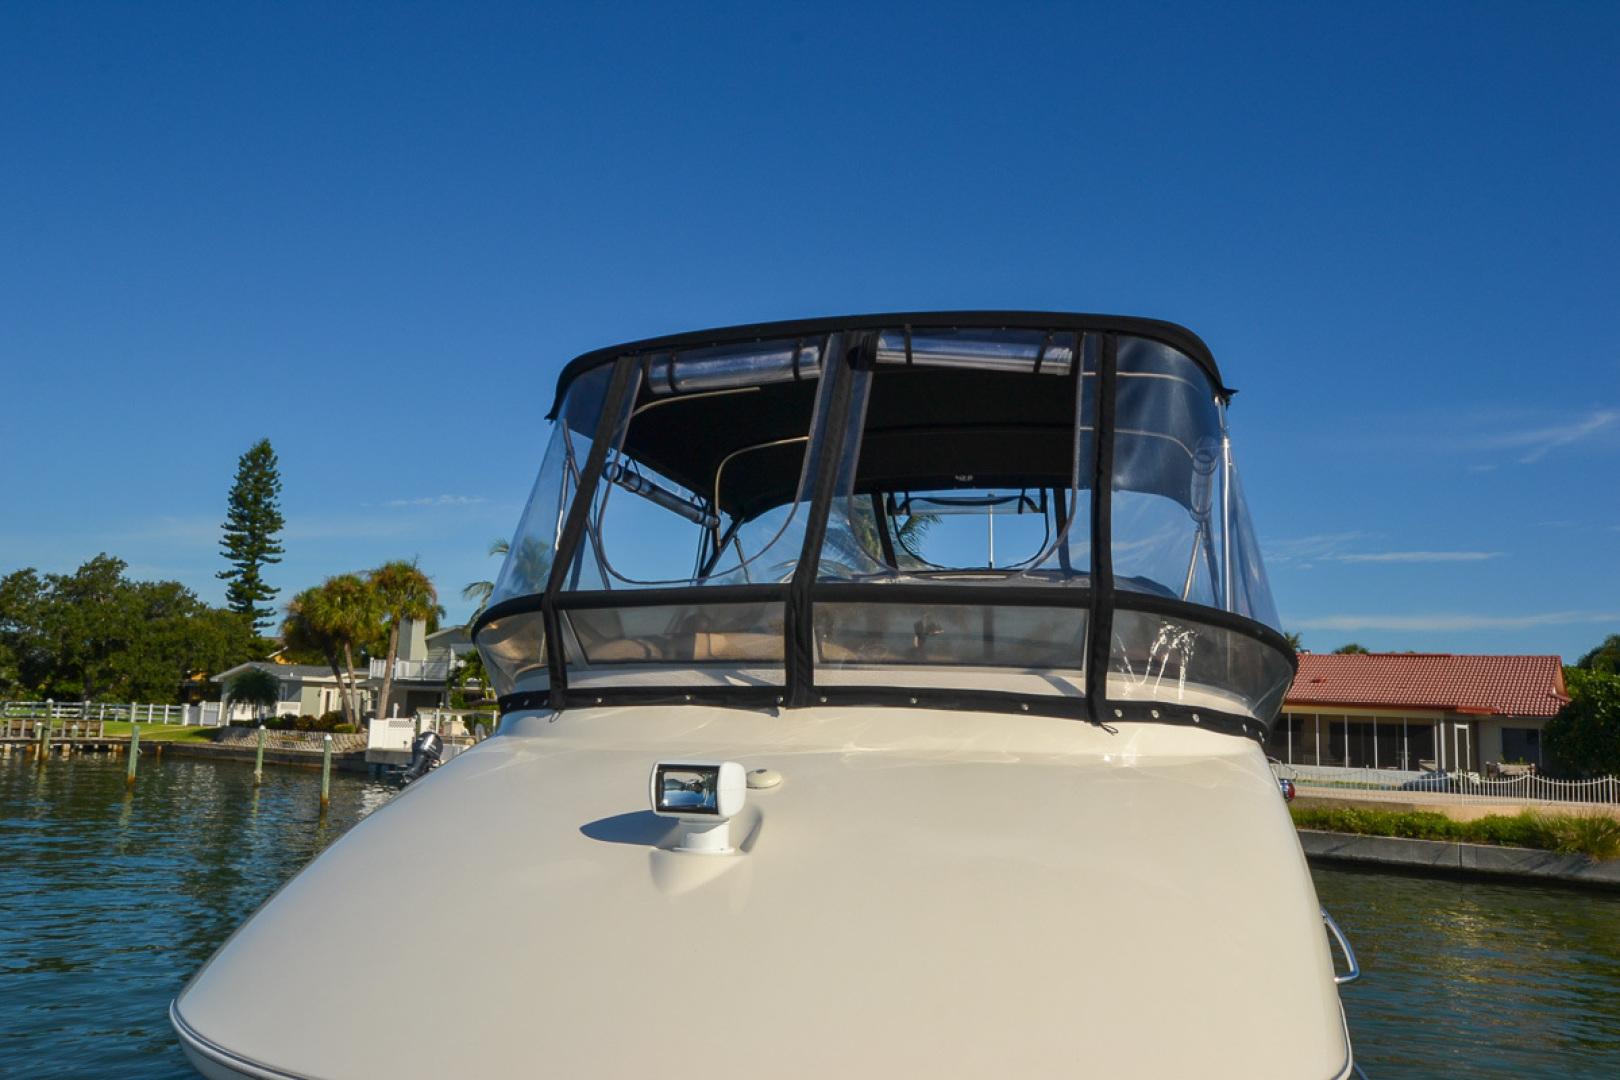 Meridian-341 Sedan 2004-Sea Harmony Belleair Beach-Florida-United States-1496614 | Thumbnail